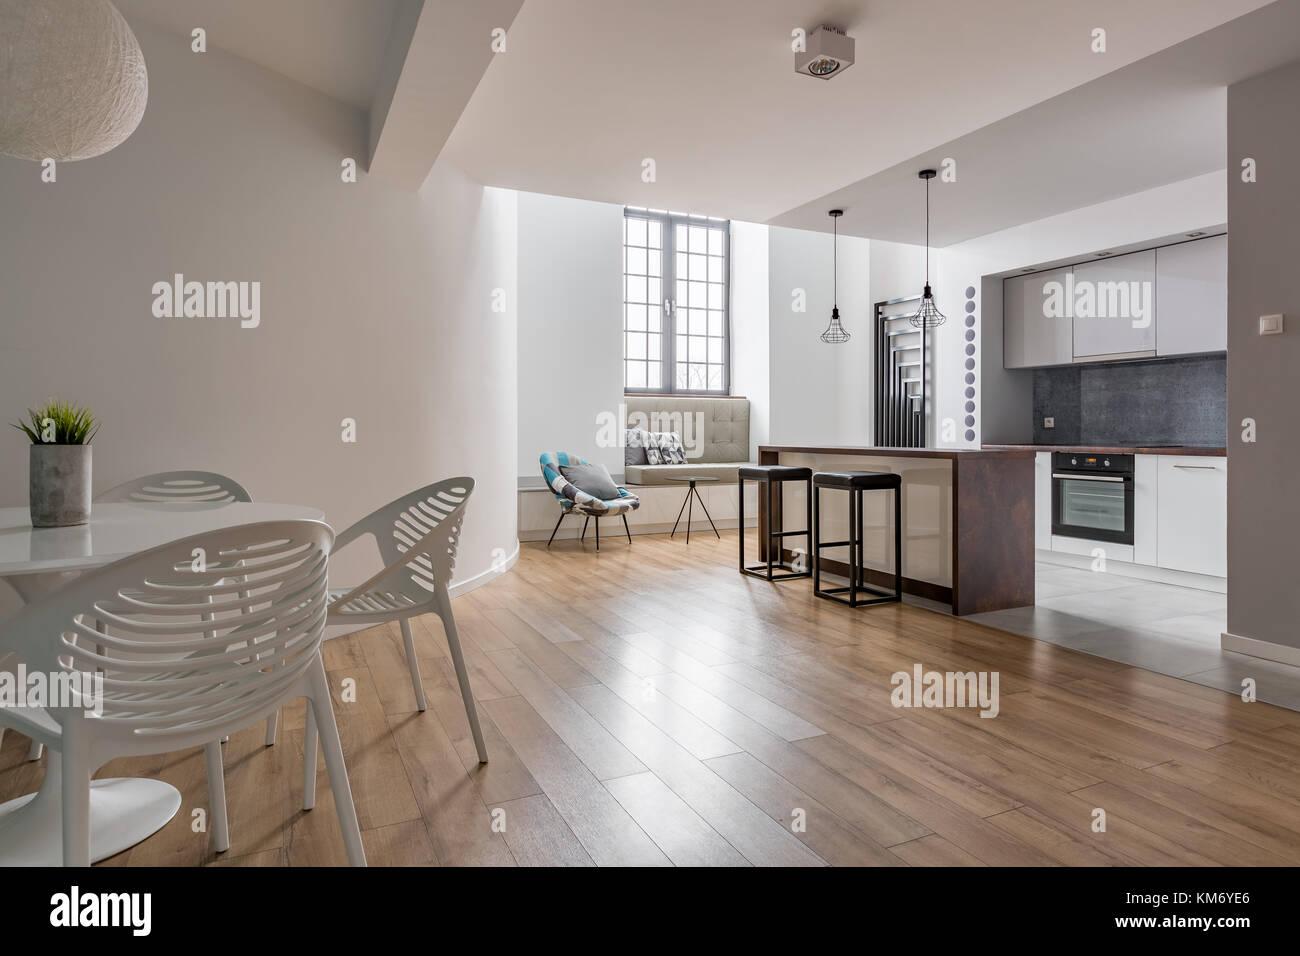 Elegante apartamento con cocina abierta, mesas y sillas blancas Foto ...